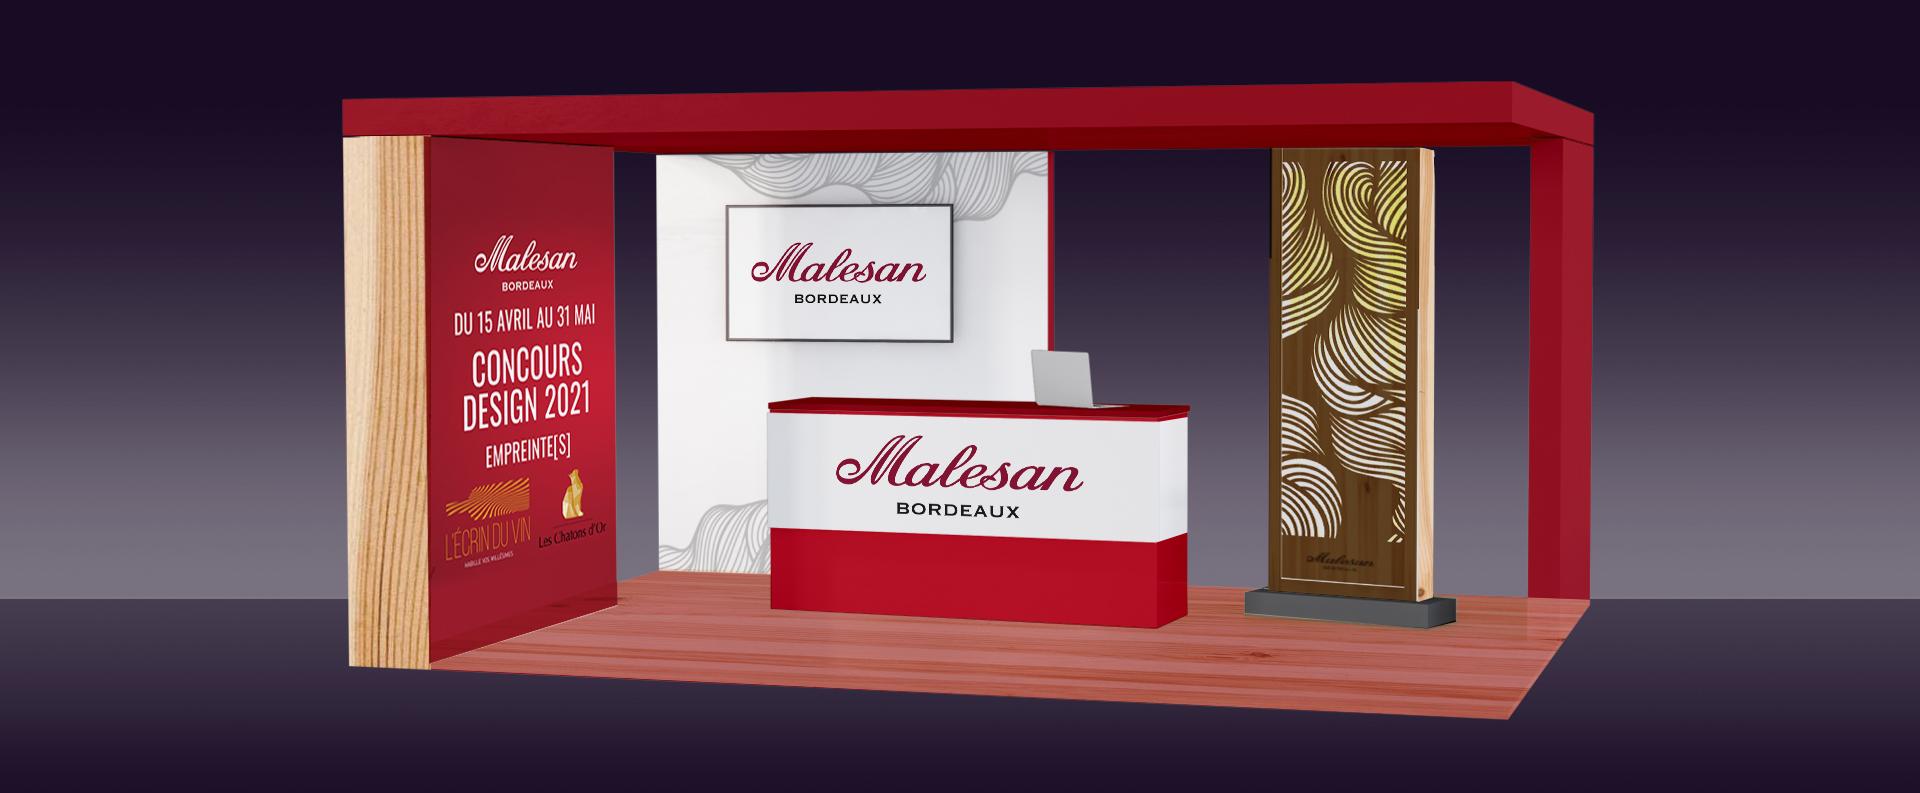 Malesan 5ème édition du concours de design en partenariat avec les Chatons d'Or